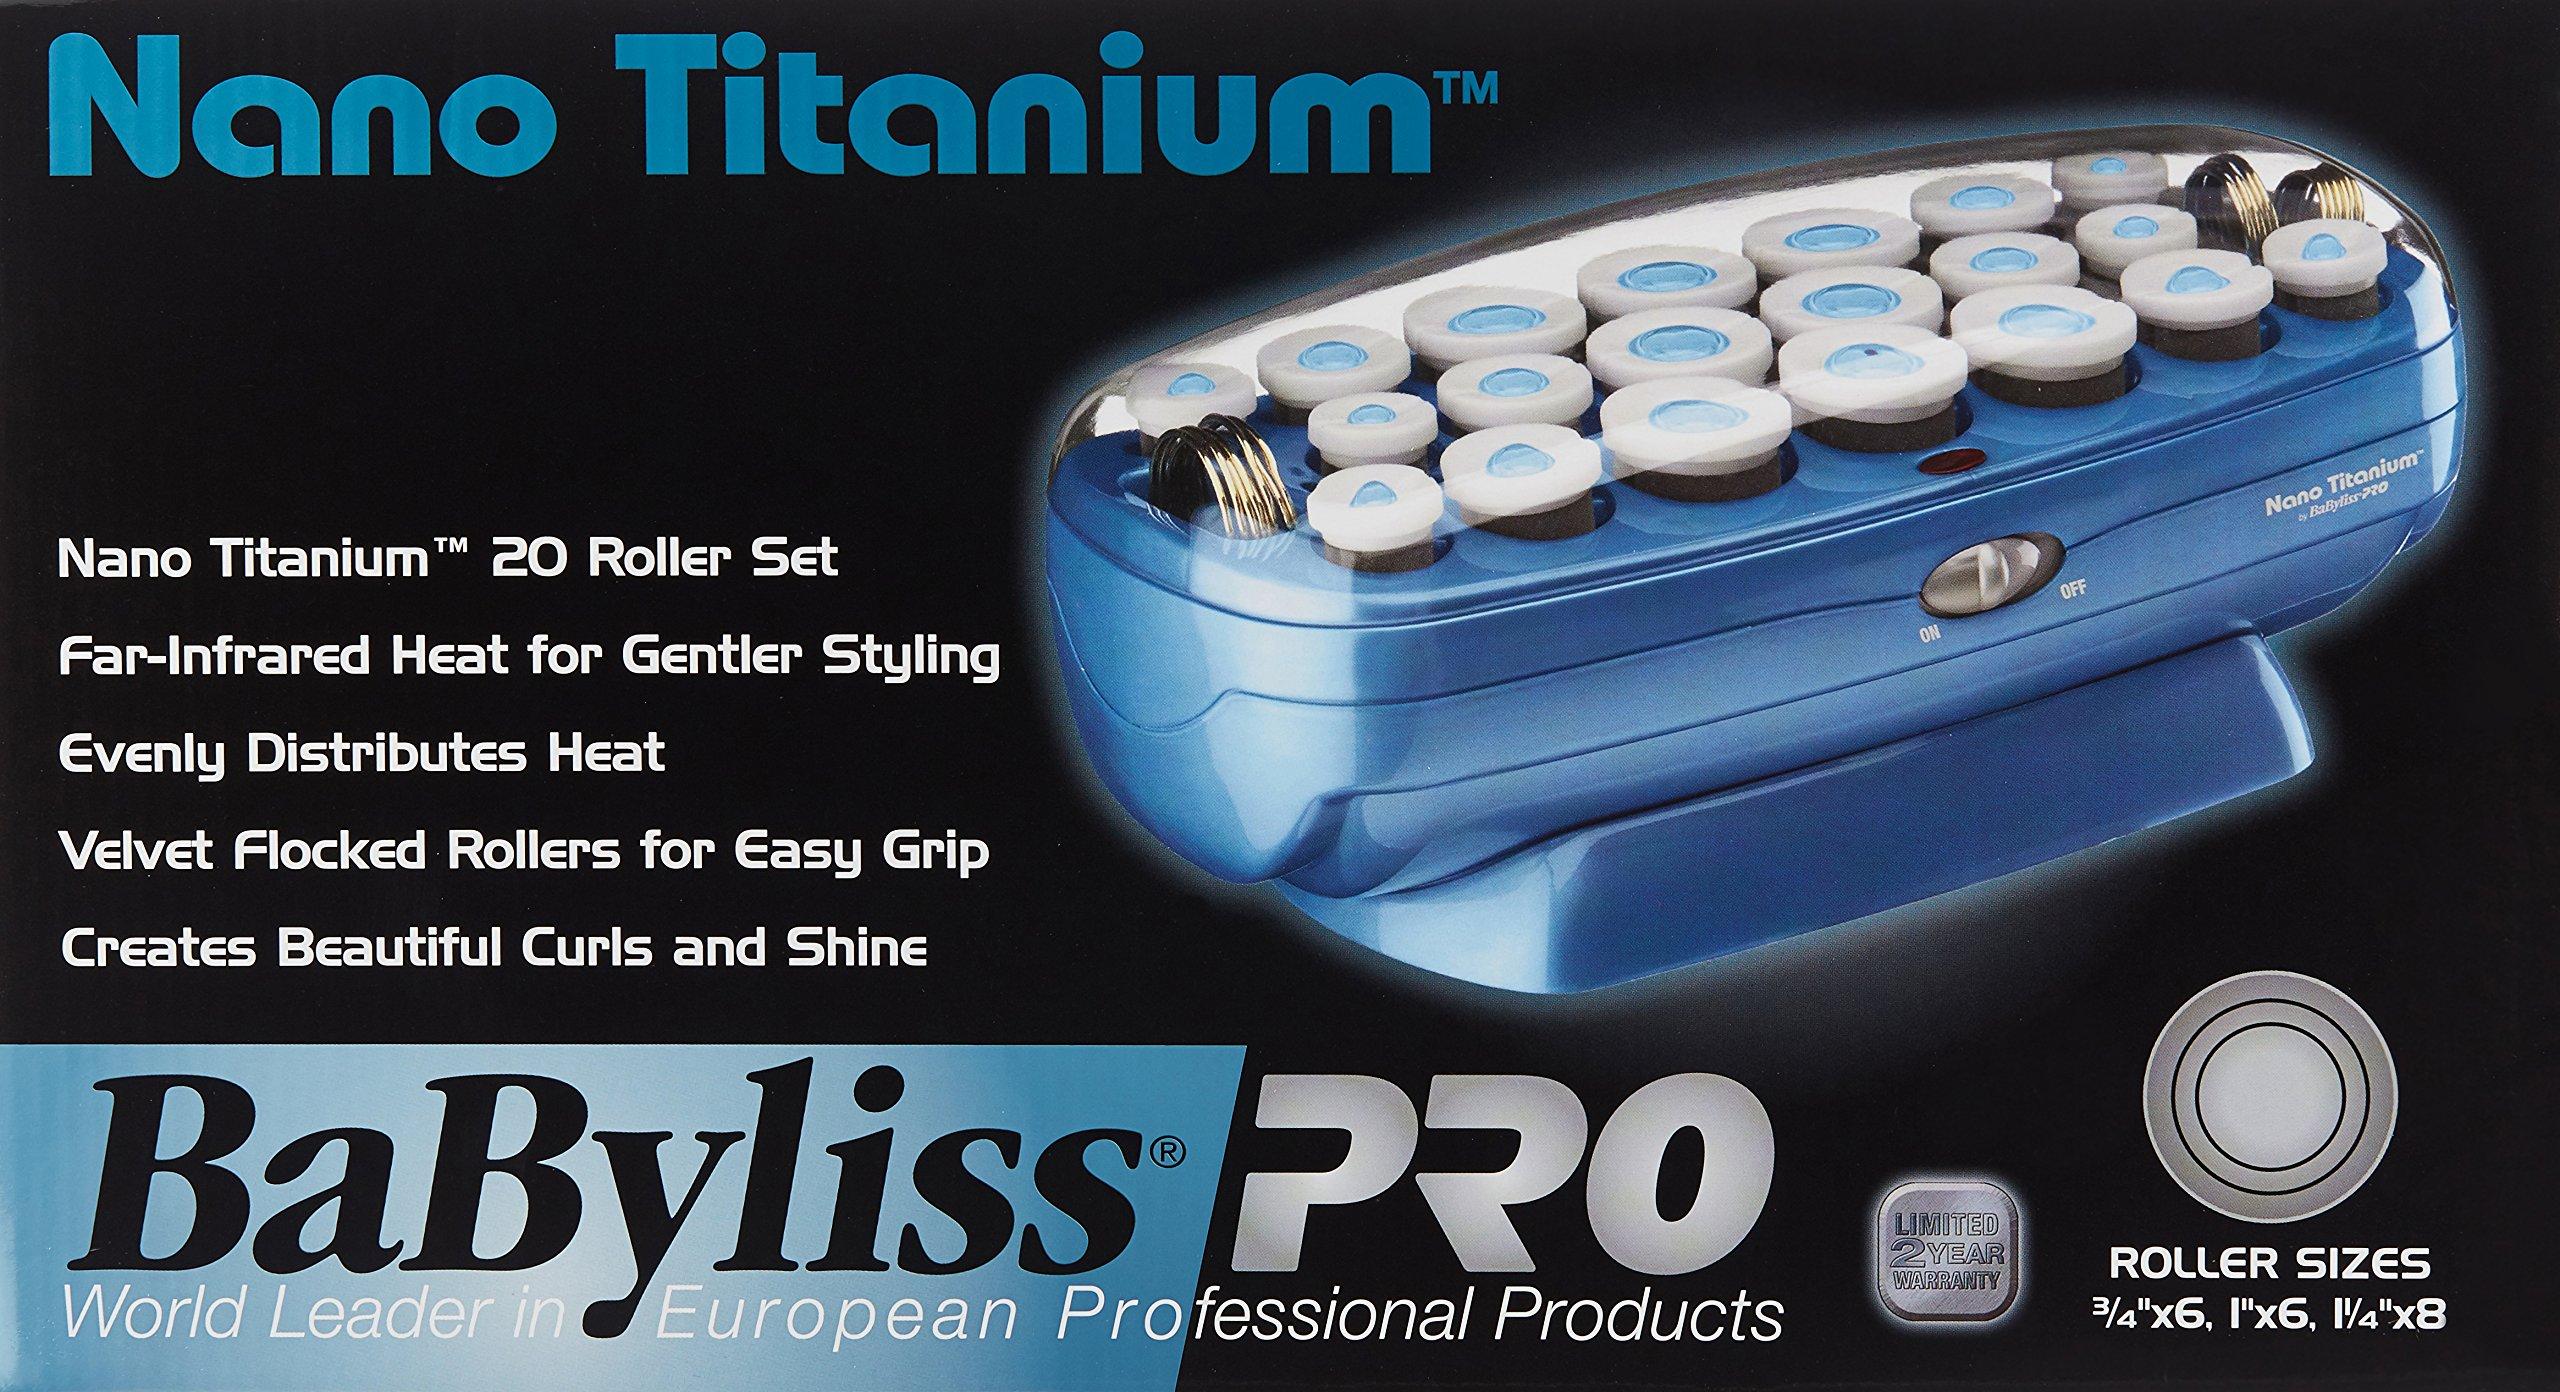 BaBylissPRO Nano Titanium 20-Roller Hairsetter by BaBylissPRO (Image #3)